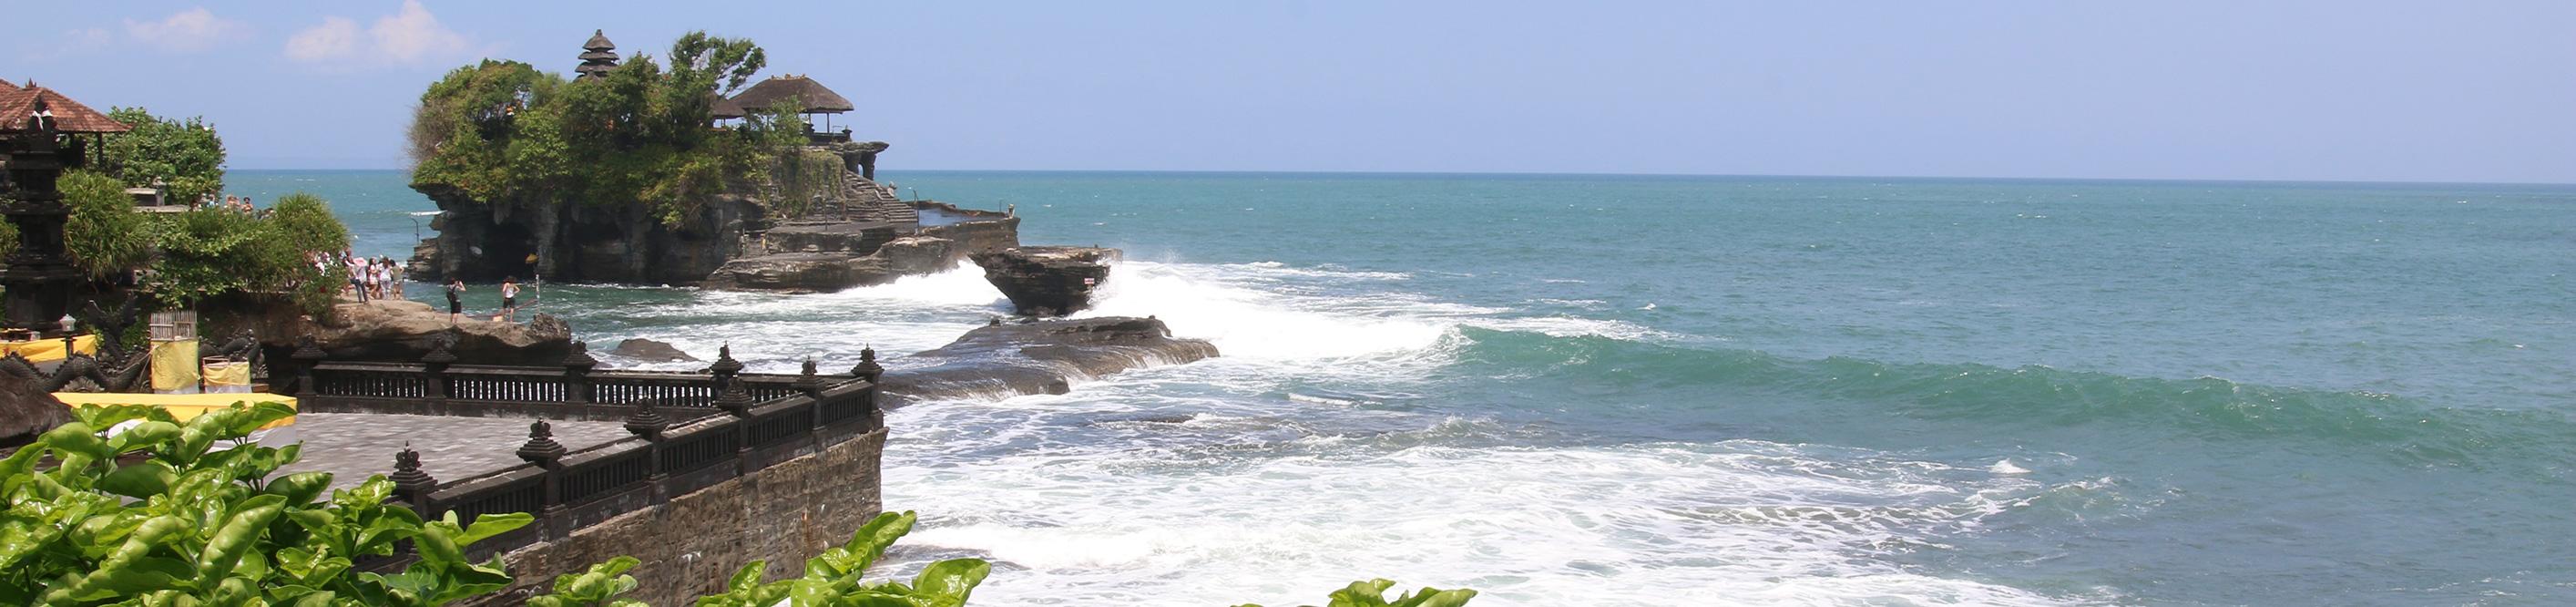 Морской круиз в Индонезии